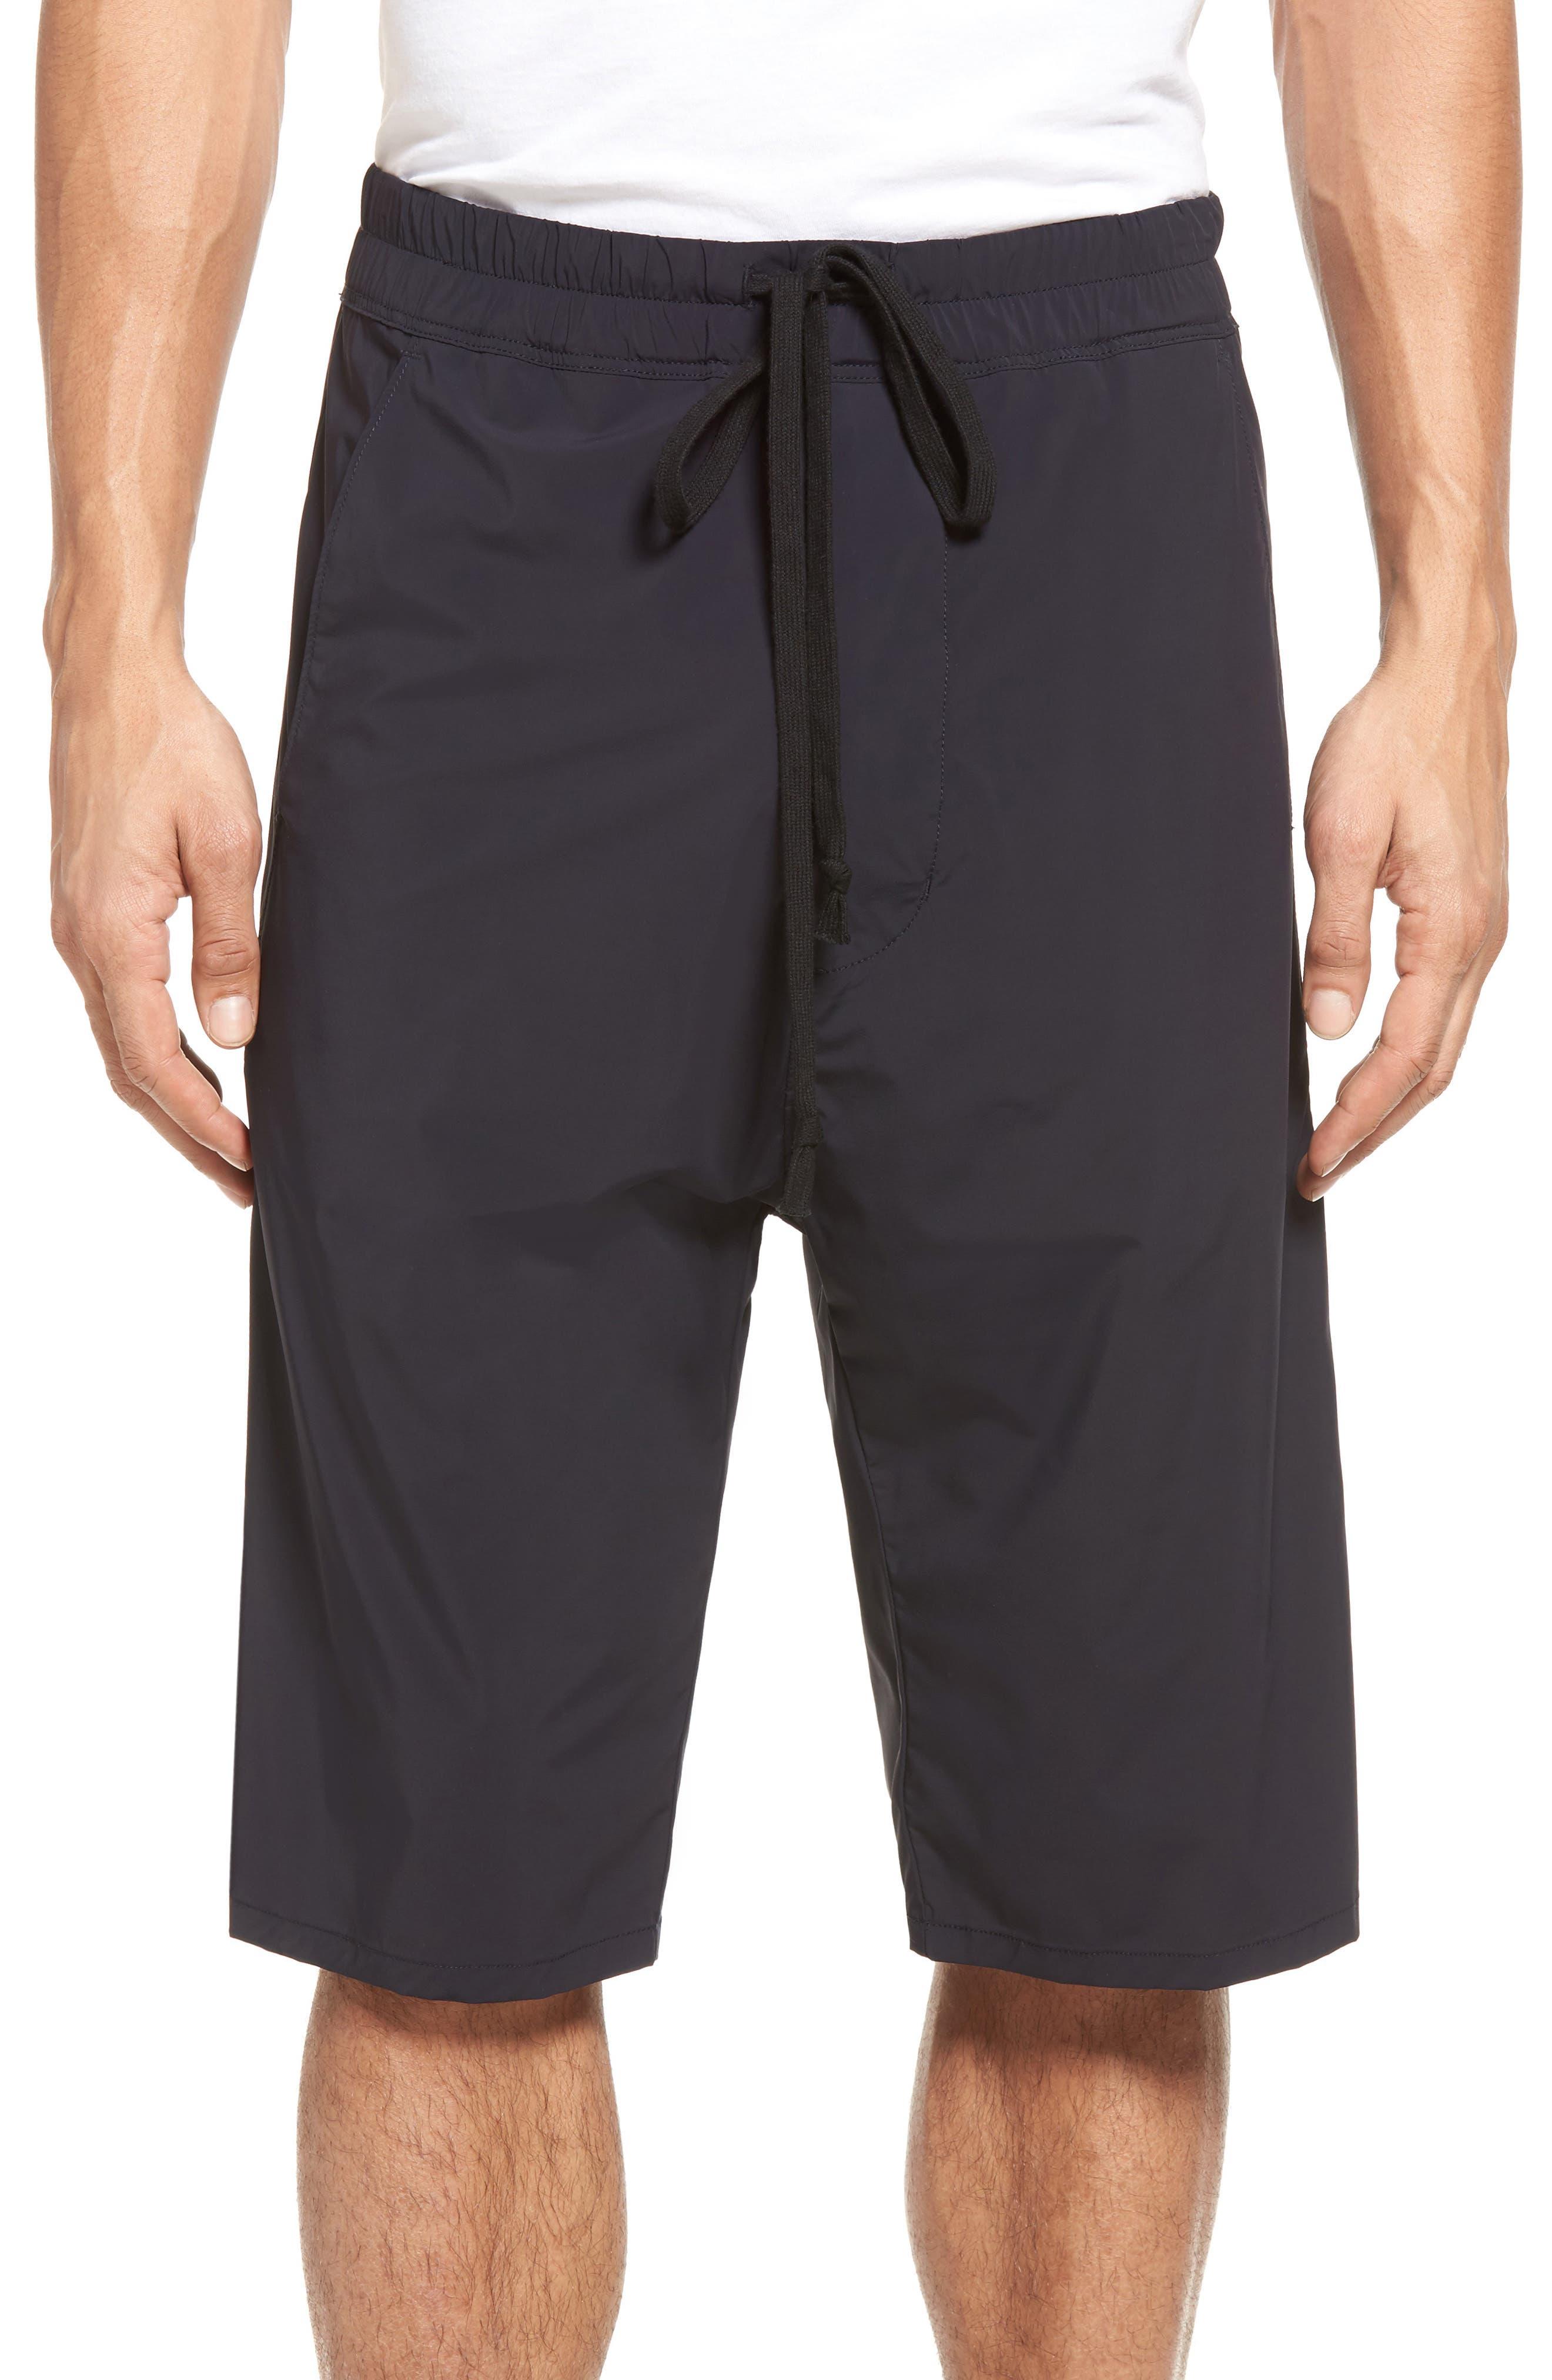 Drop Crotch Shorts,                             Main thumbnail 1, color,                             001